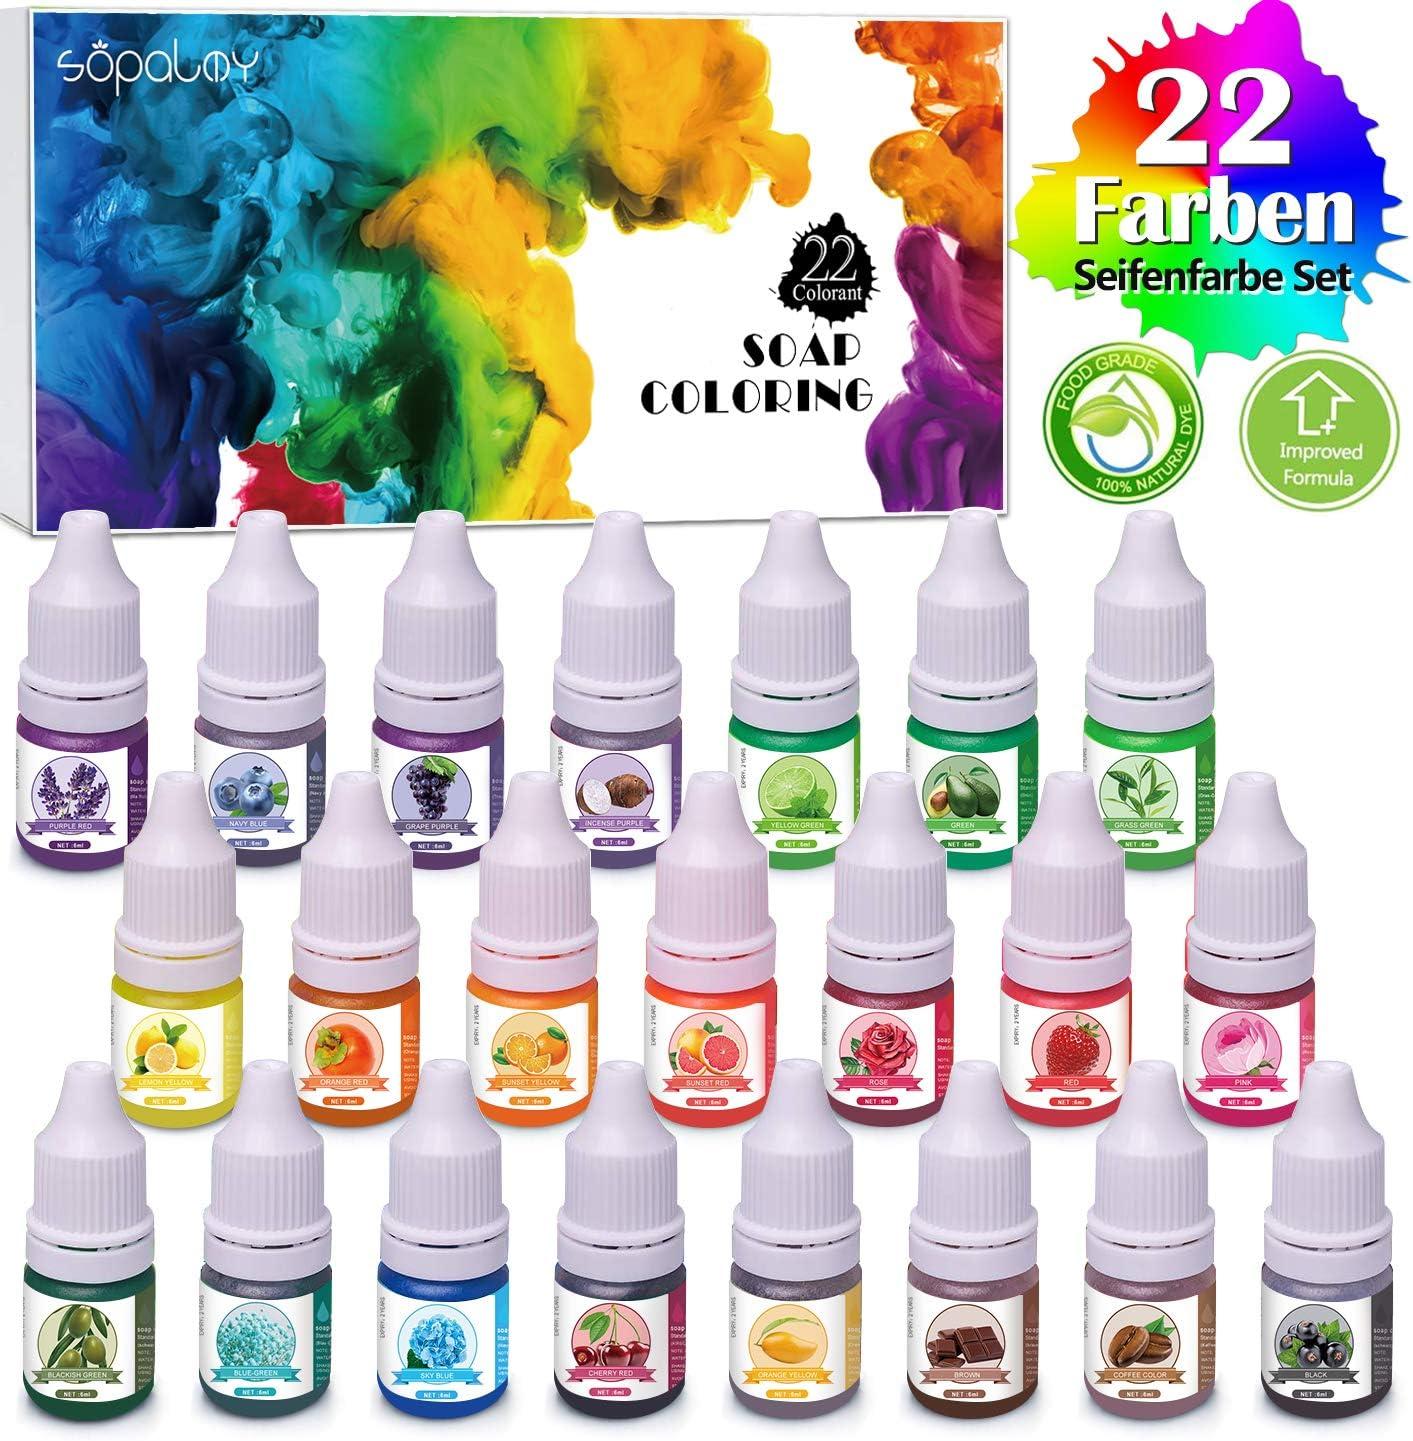 Seifenfarbe Set 20er x 6ml Flüssig Seifenfarben Färbende 20 Colors